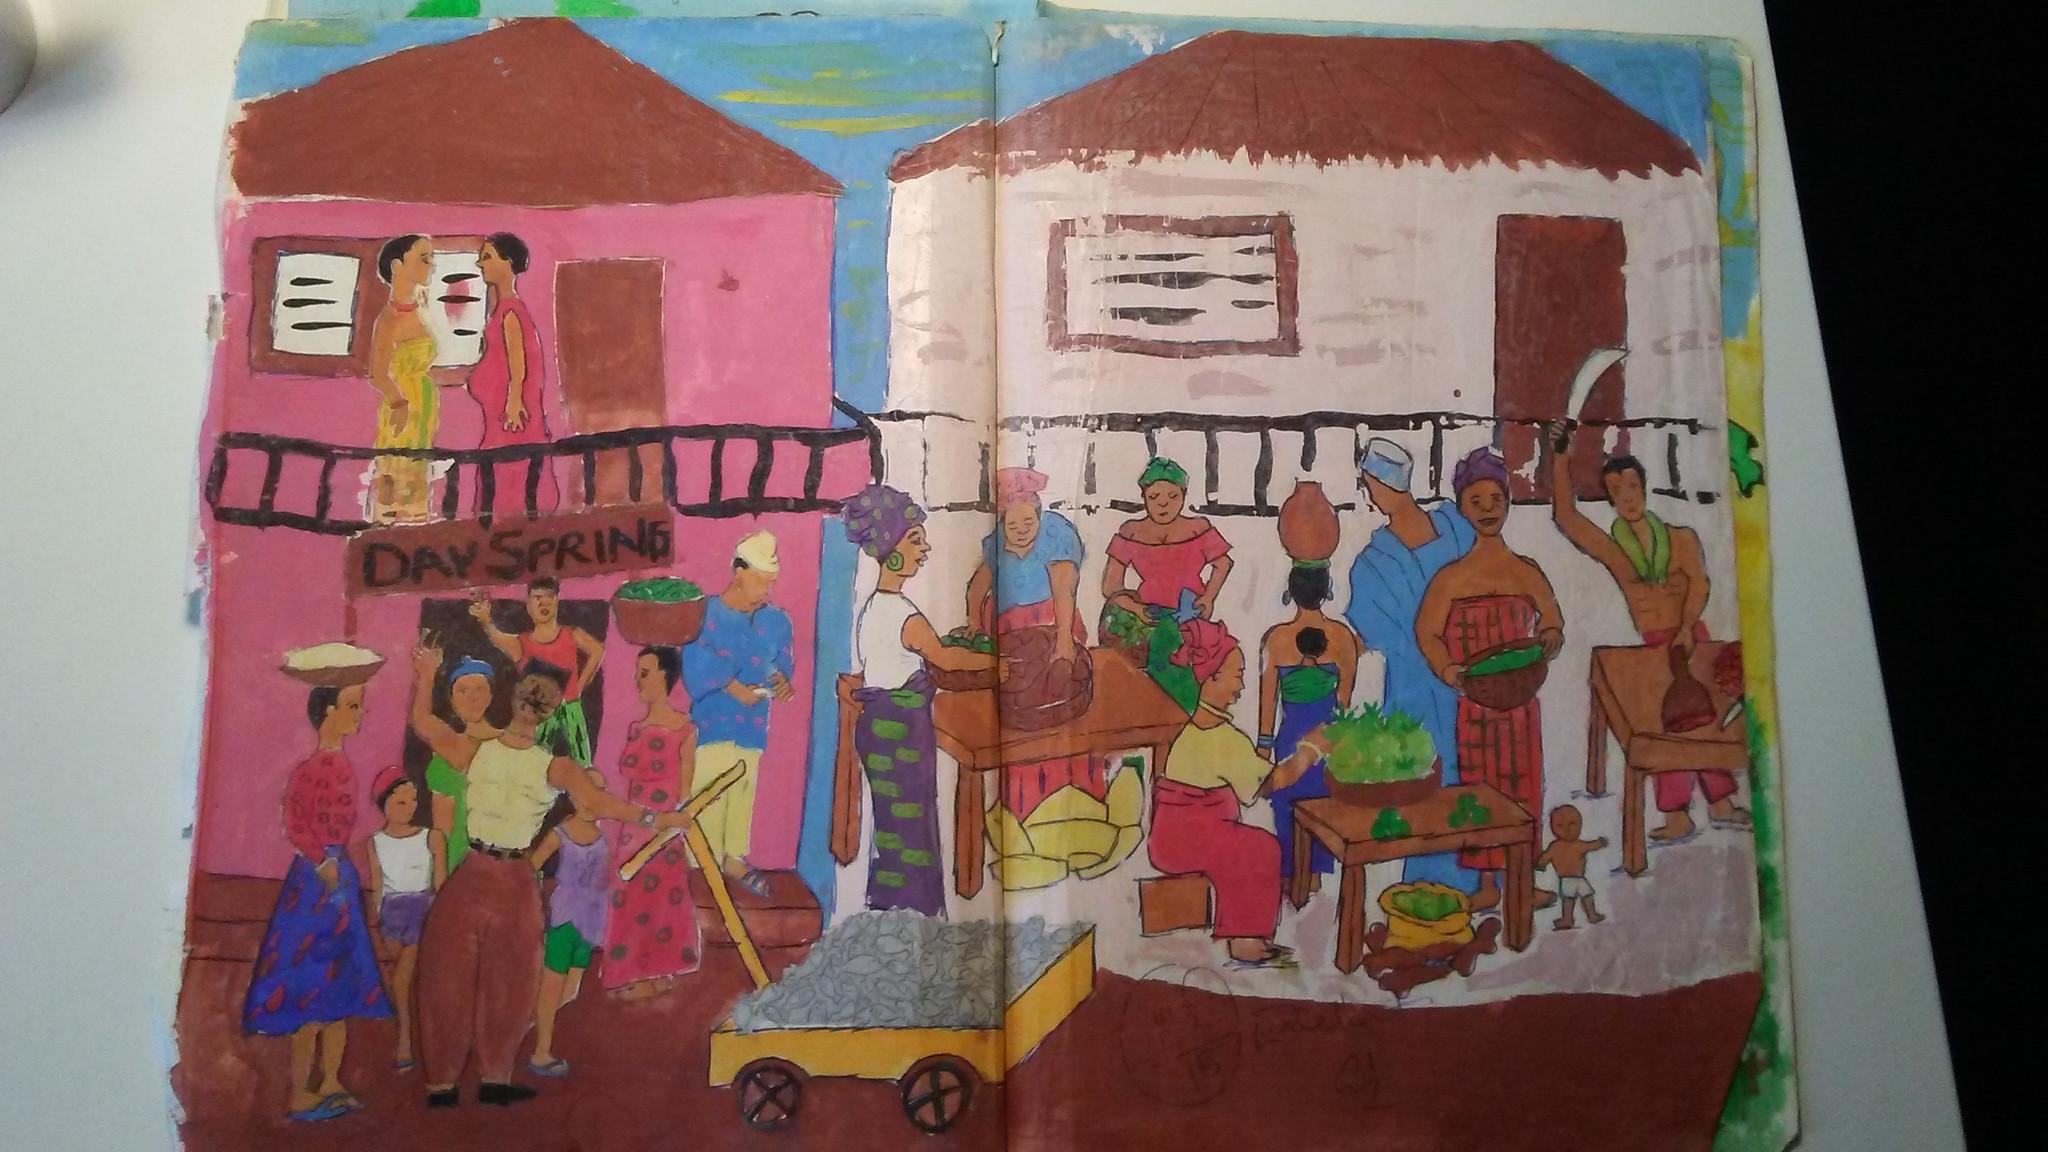 Njideka Akunyili Crosby's work from when she was 14.